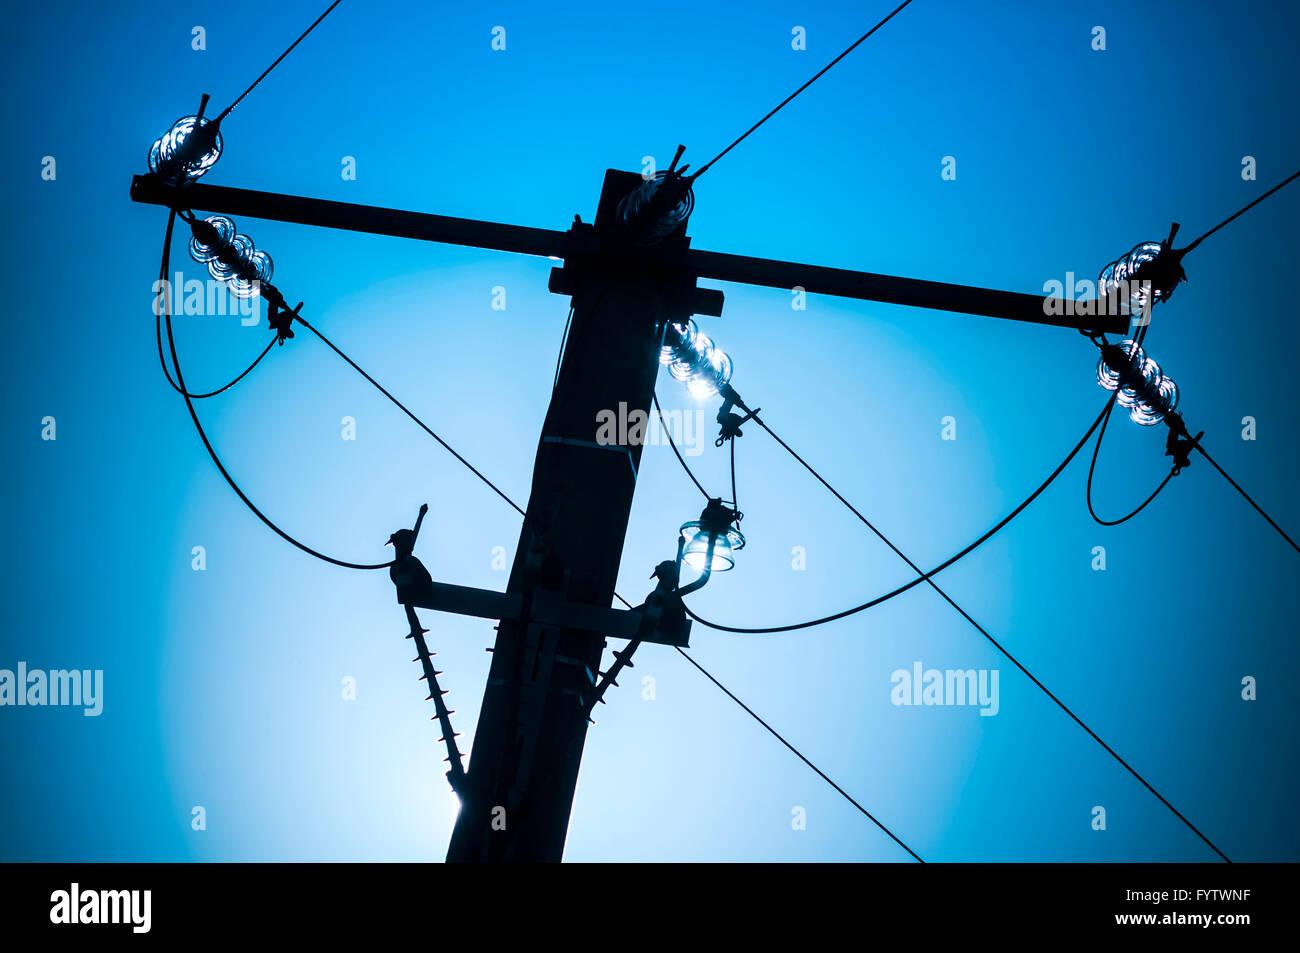 0verhead cables de electricidad de alta tensión sobre el poste de hormigón - Francia. Imagen De Stock